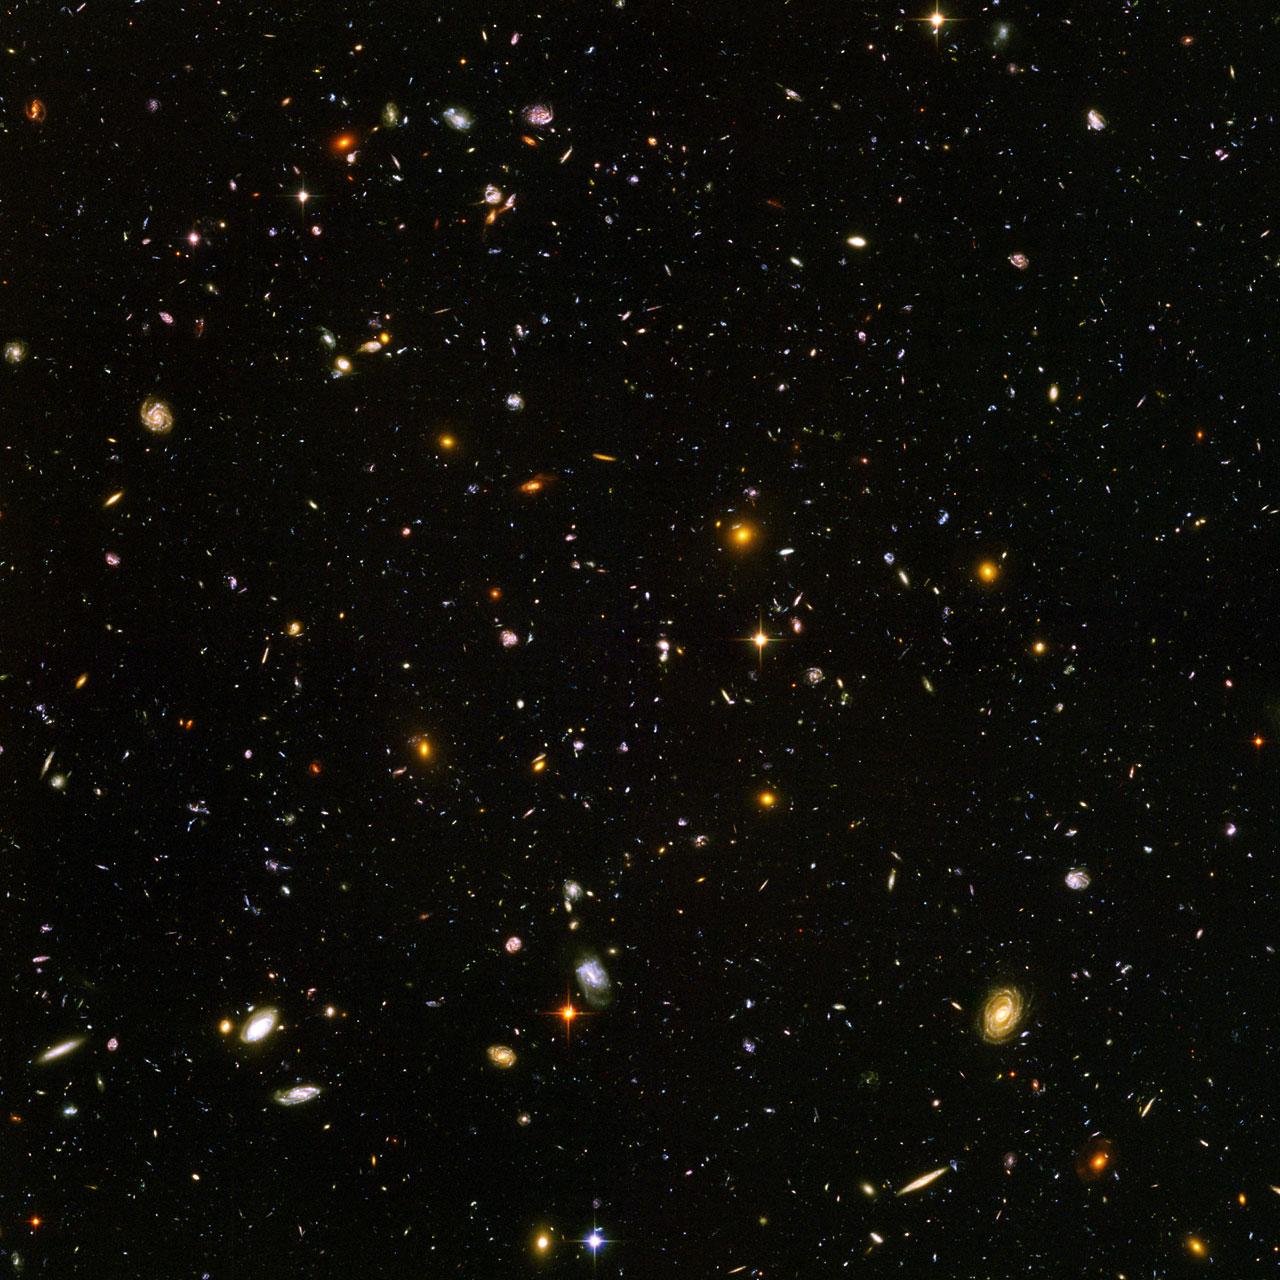 nasa stars and galaxies - photo #30